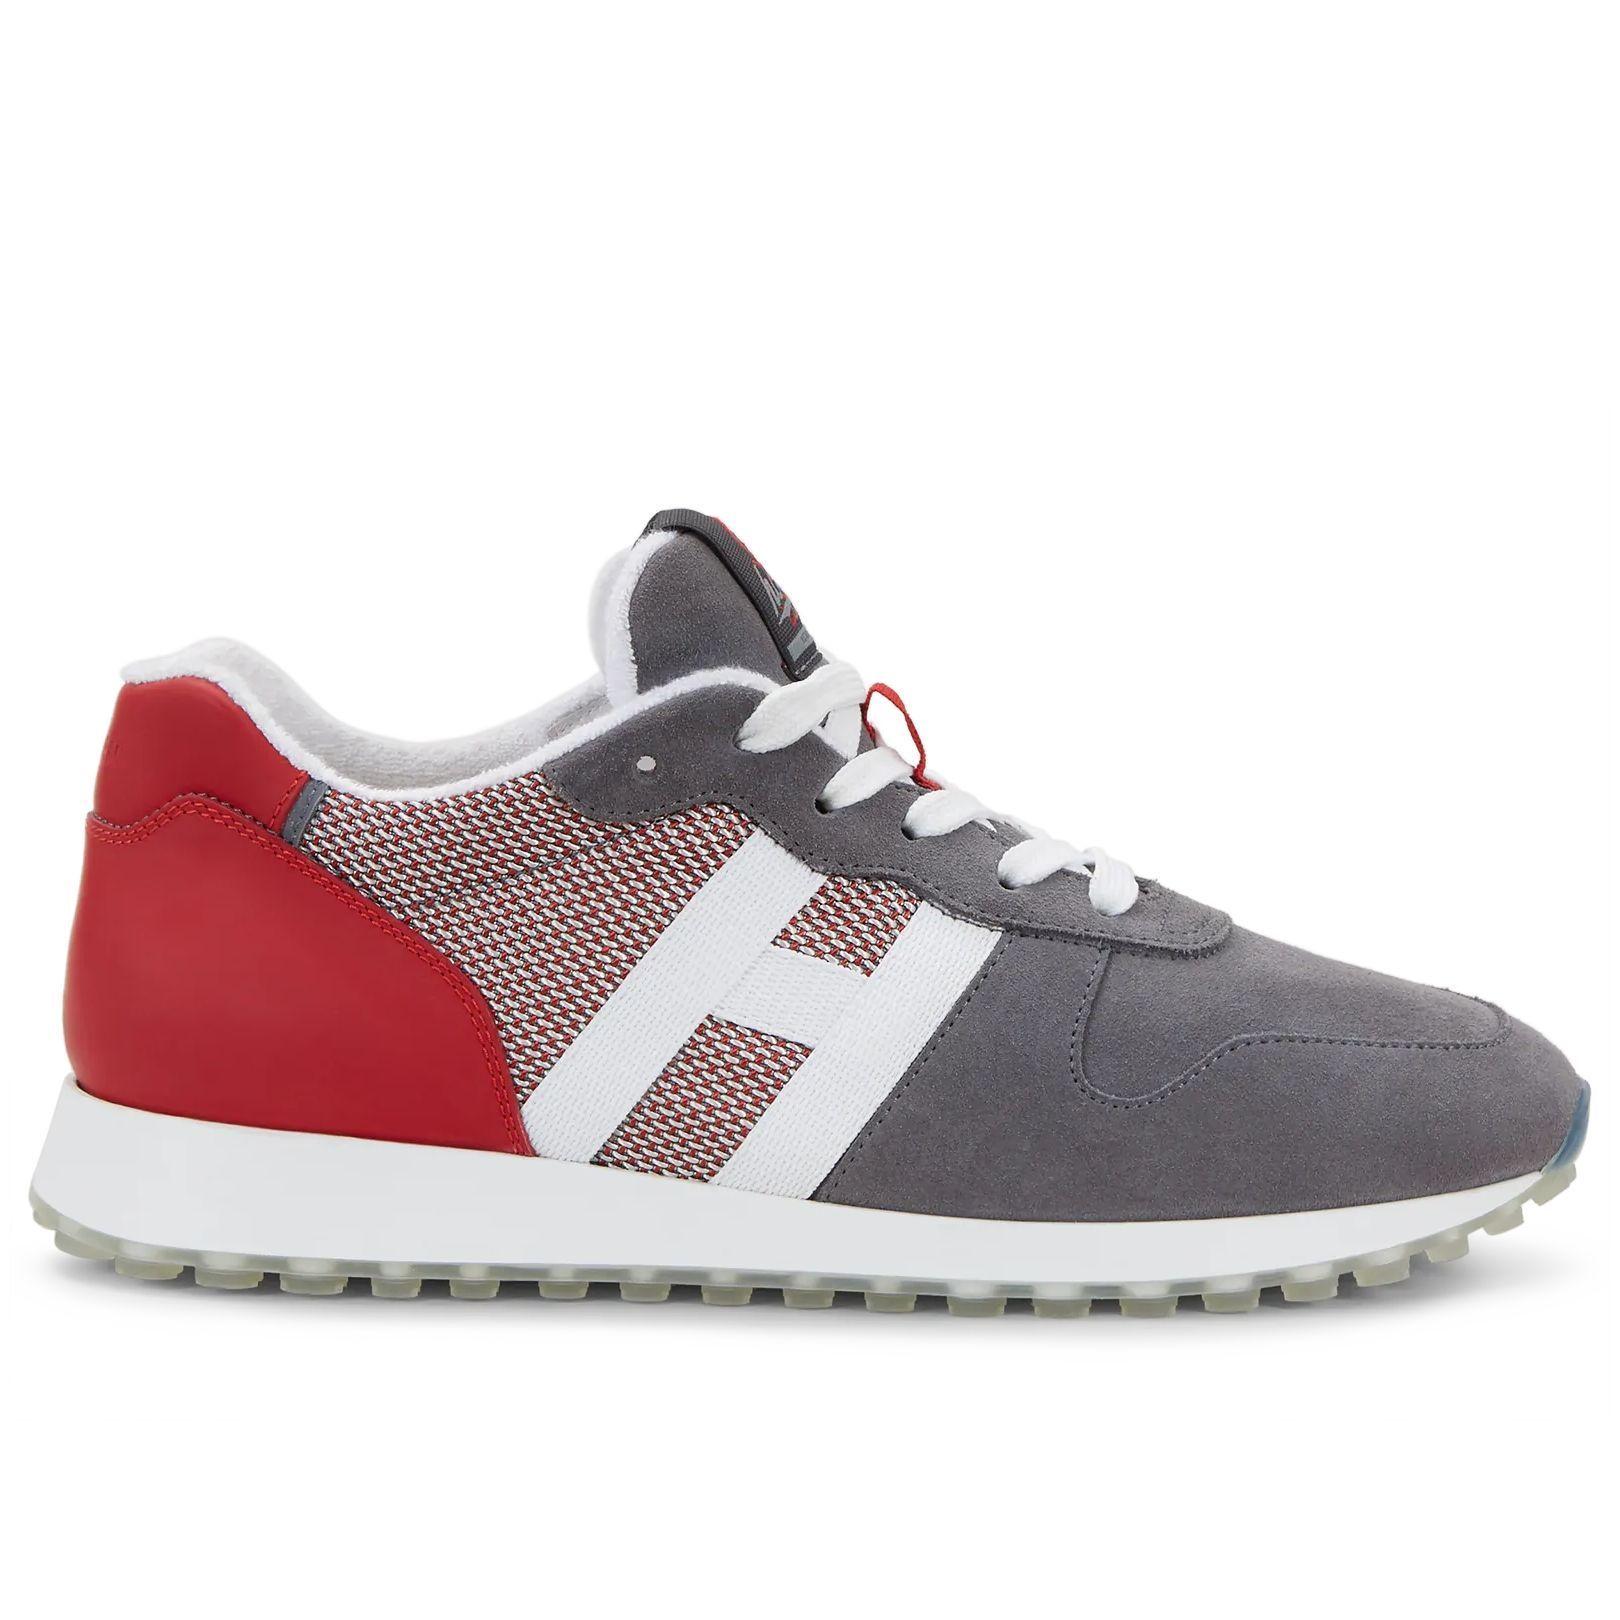 Sneakers uomo Hogan H383 grigie e rosse | Turnschuhe, Leder, Wildleder